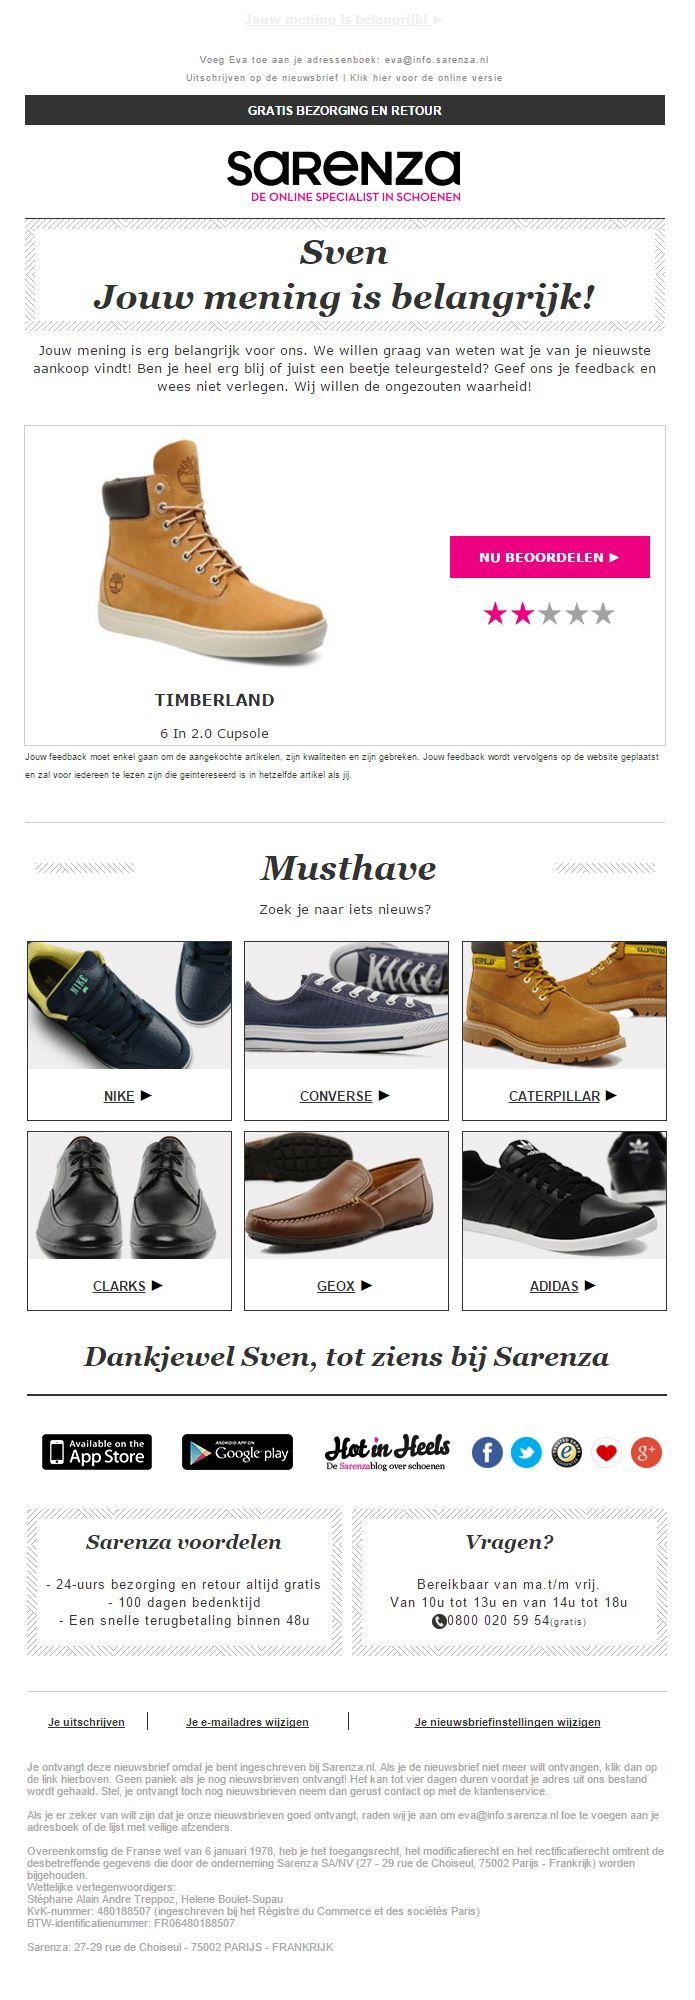 Sarenza.nl - Mooie product review campagne, een aantal weken nadat de bestelling is ontvangen. Het product is makkelijk te beoordelen door het aantal sterren te kiezen.